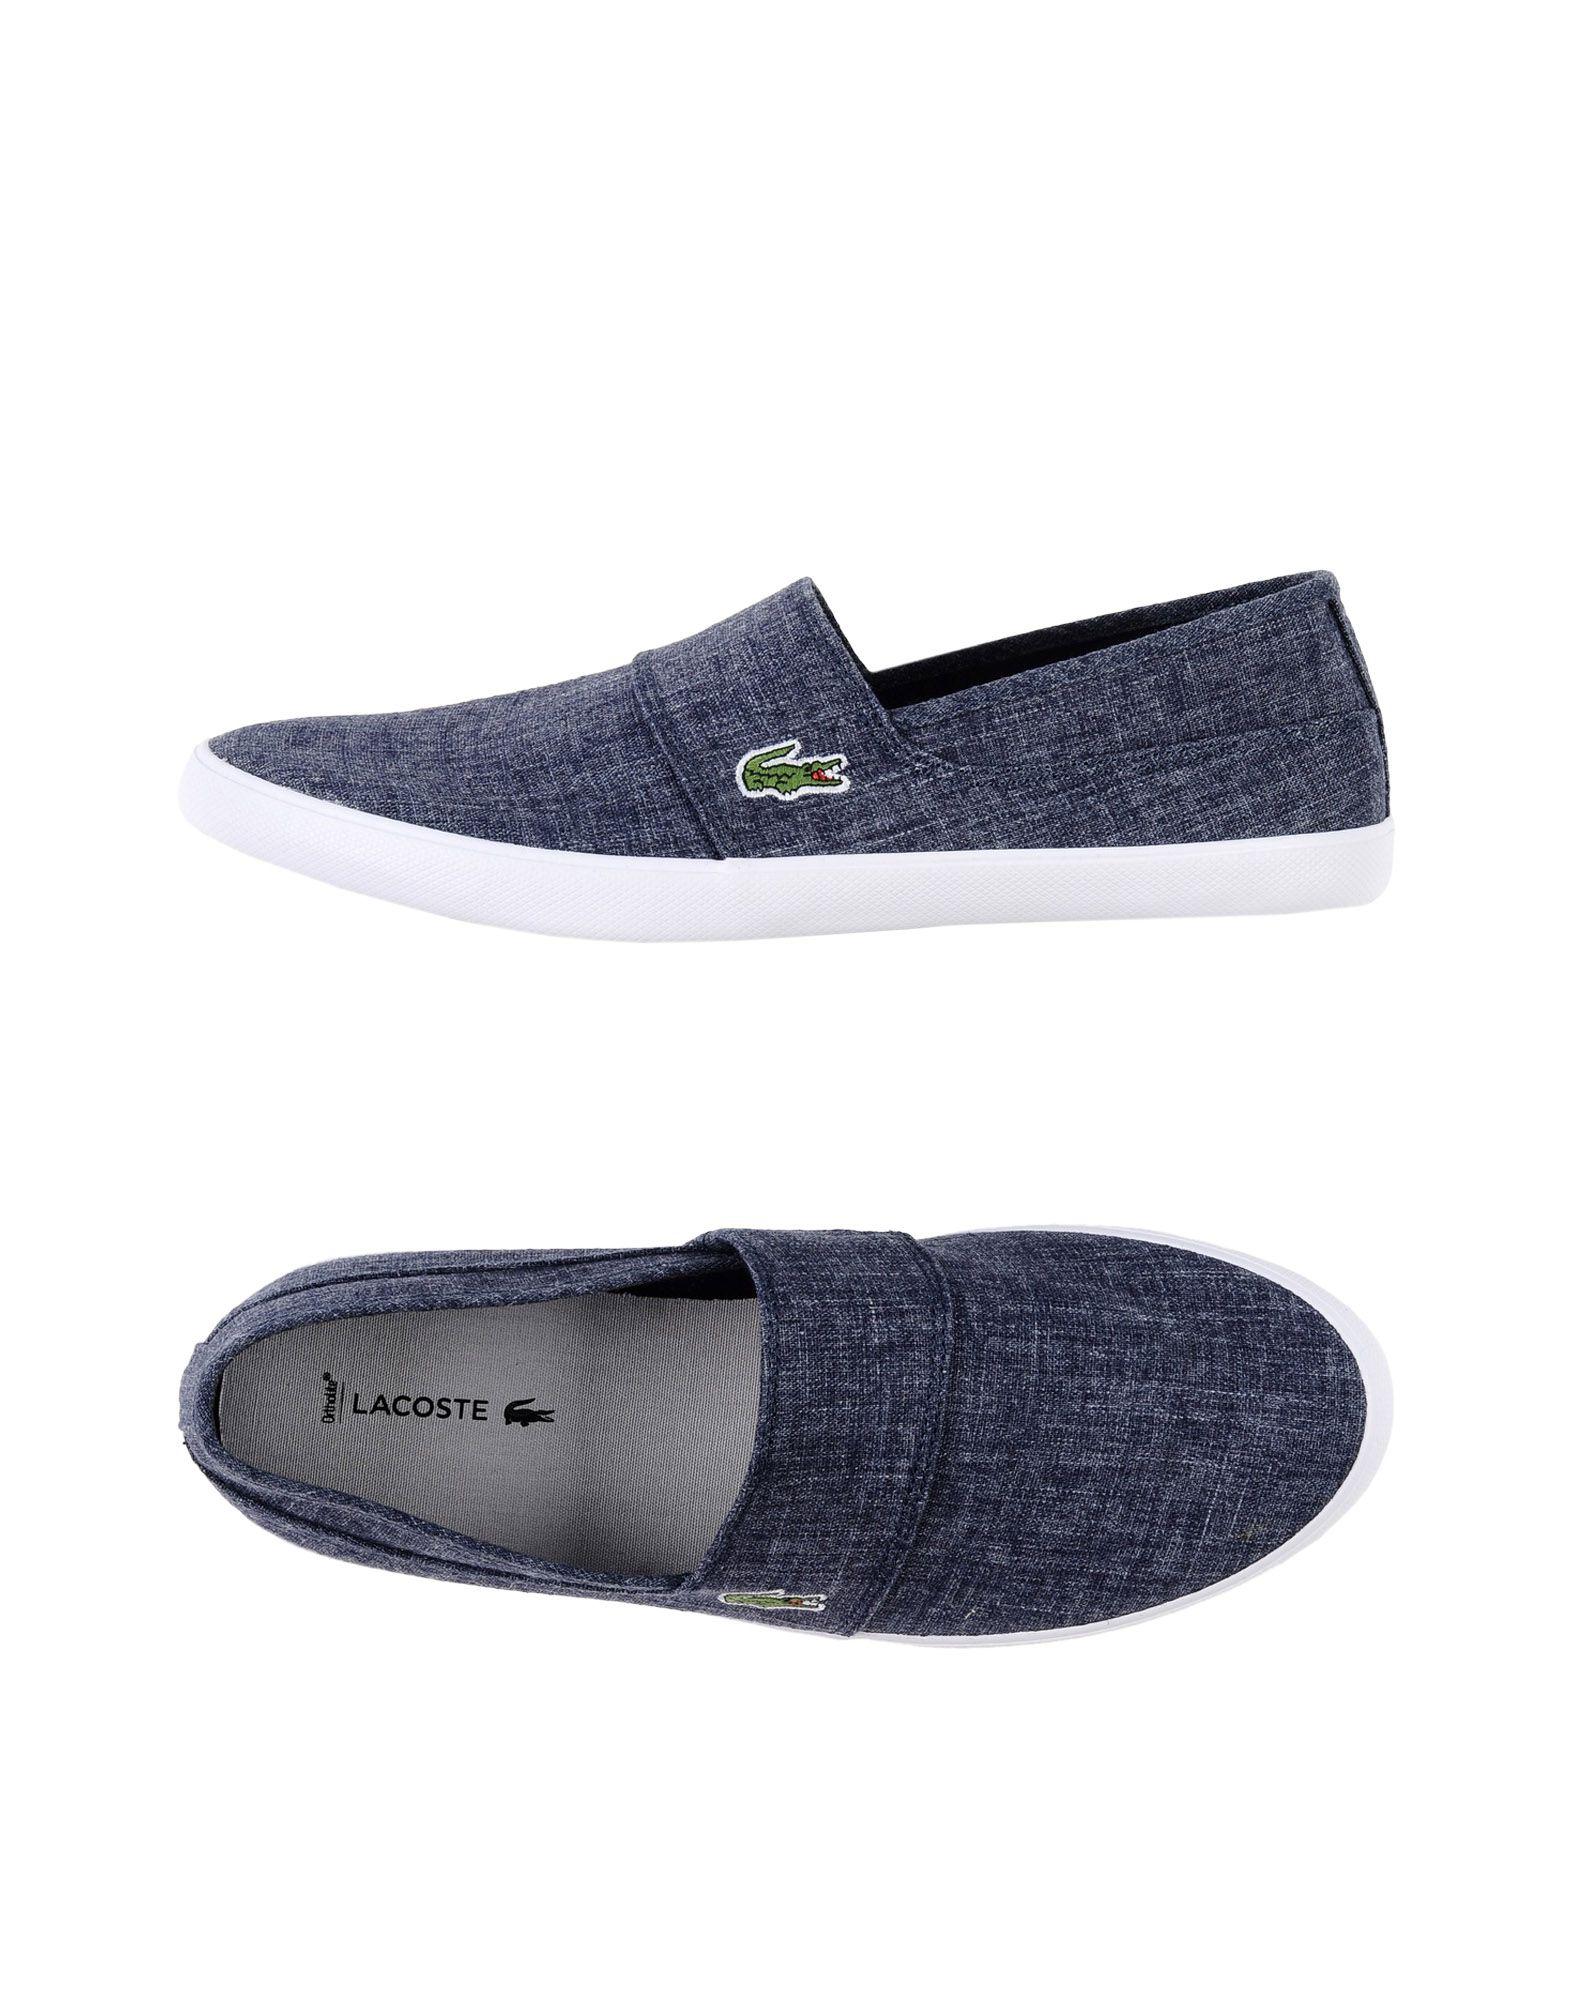 Herren Lacoste Sneakers Herren   11394837PE Heiße Schuhe 6d27bf